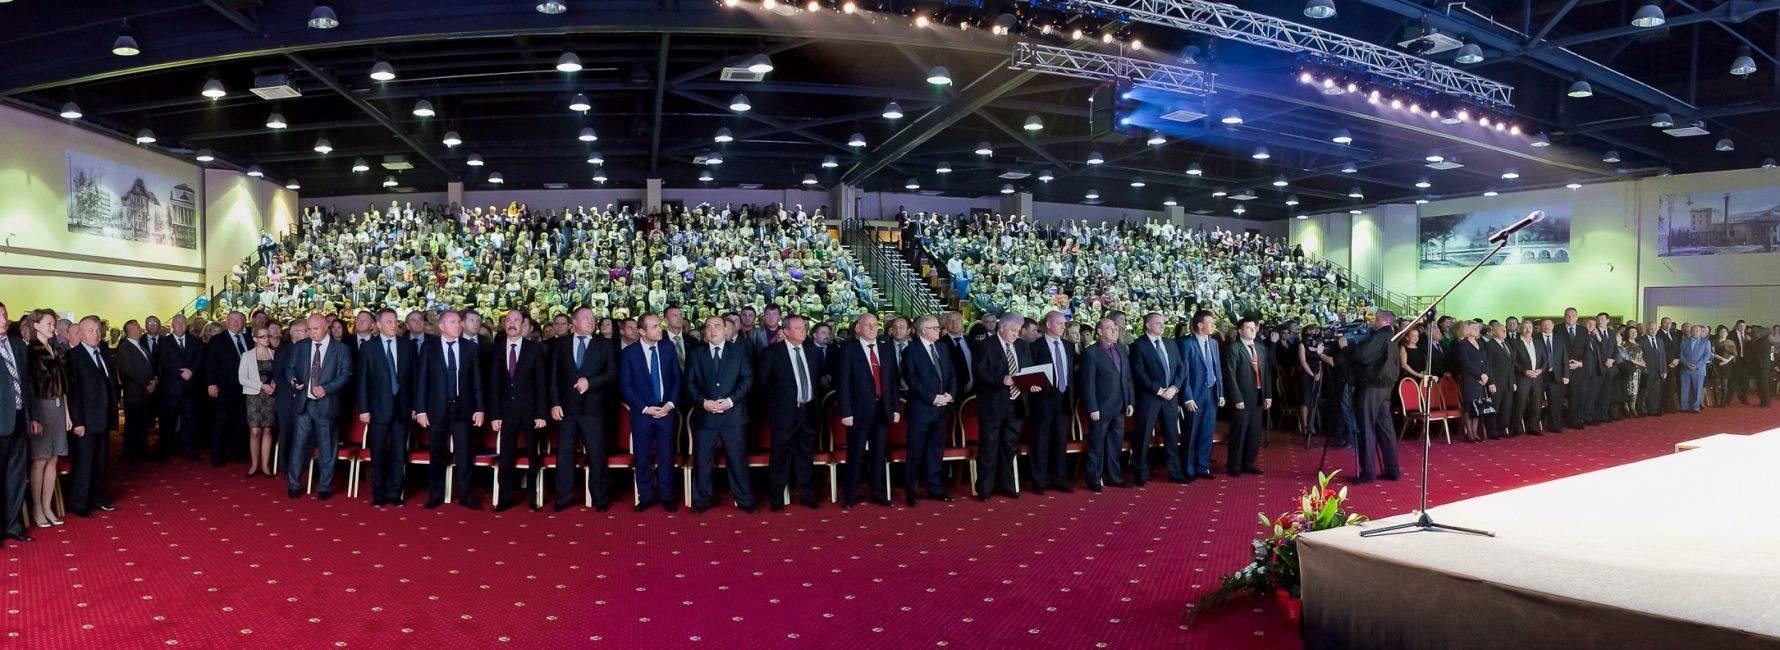 Зал пленарных заседаний вместимостью 2000 человек